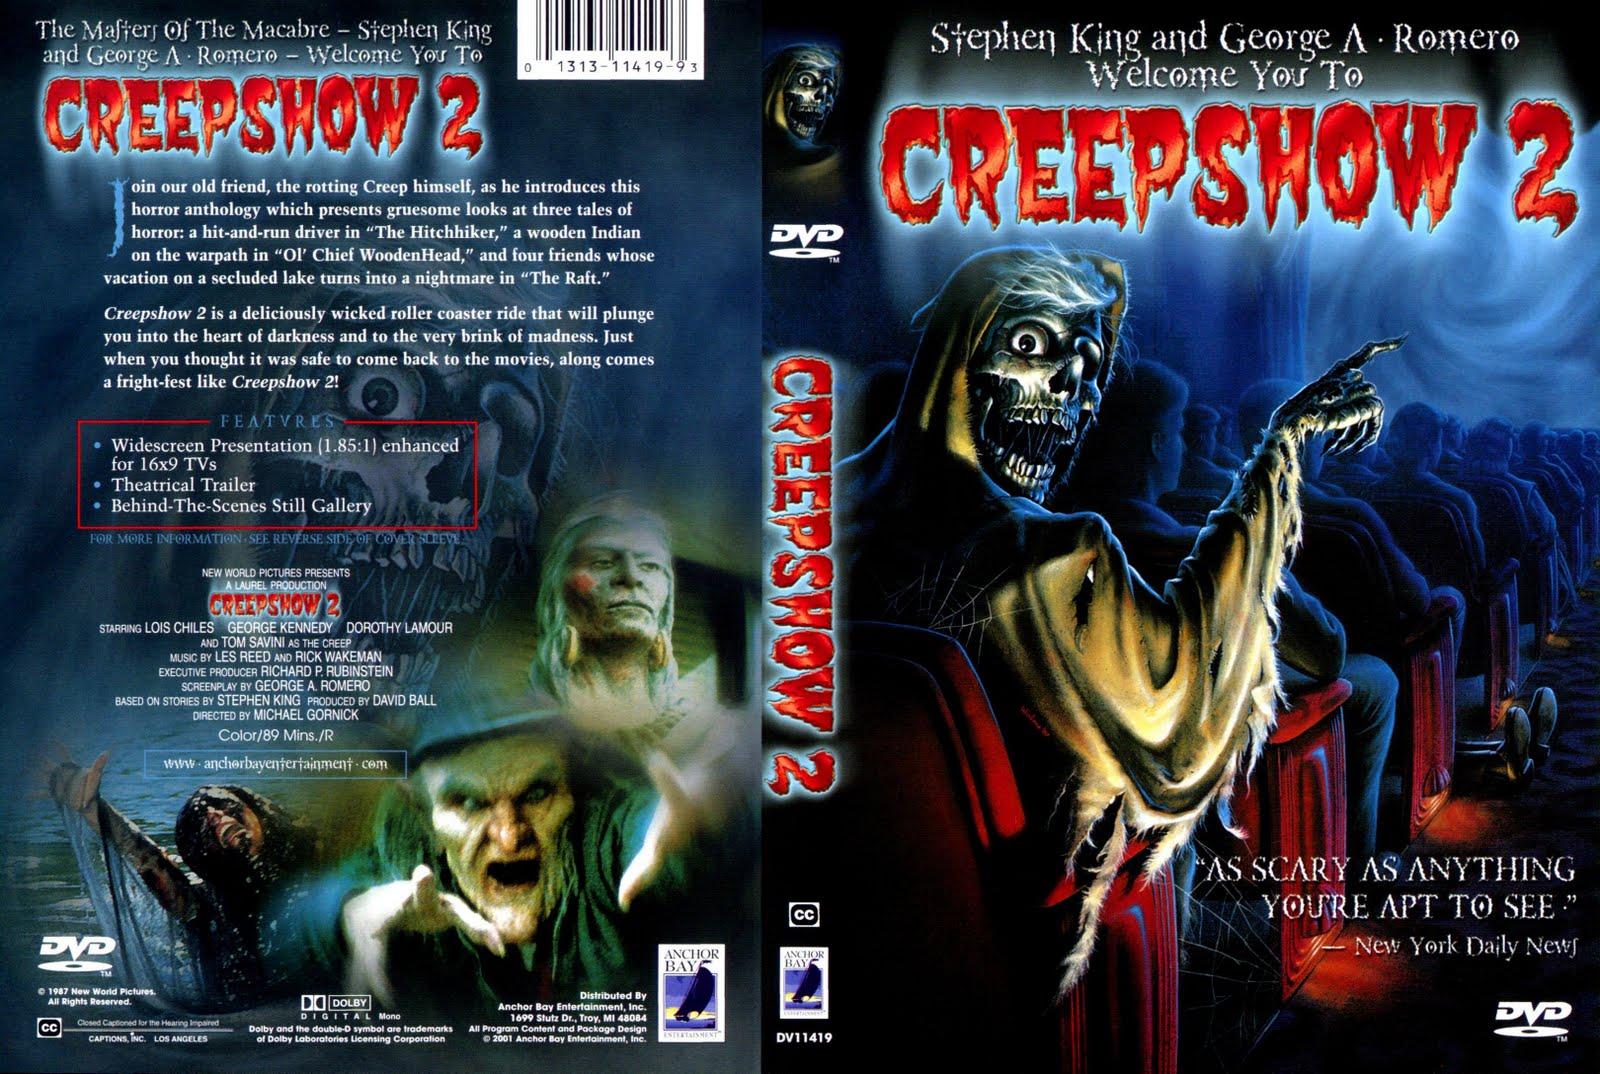 Creepshow 2 Cast Creepshow 2